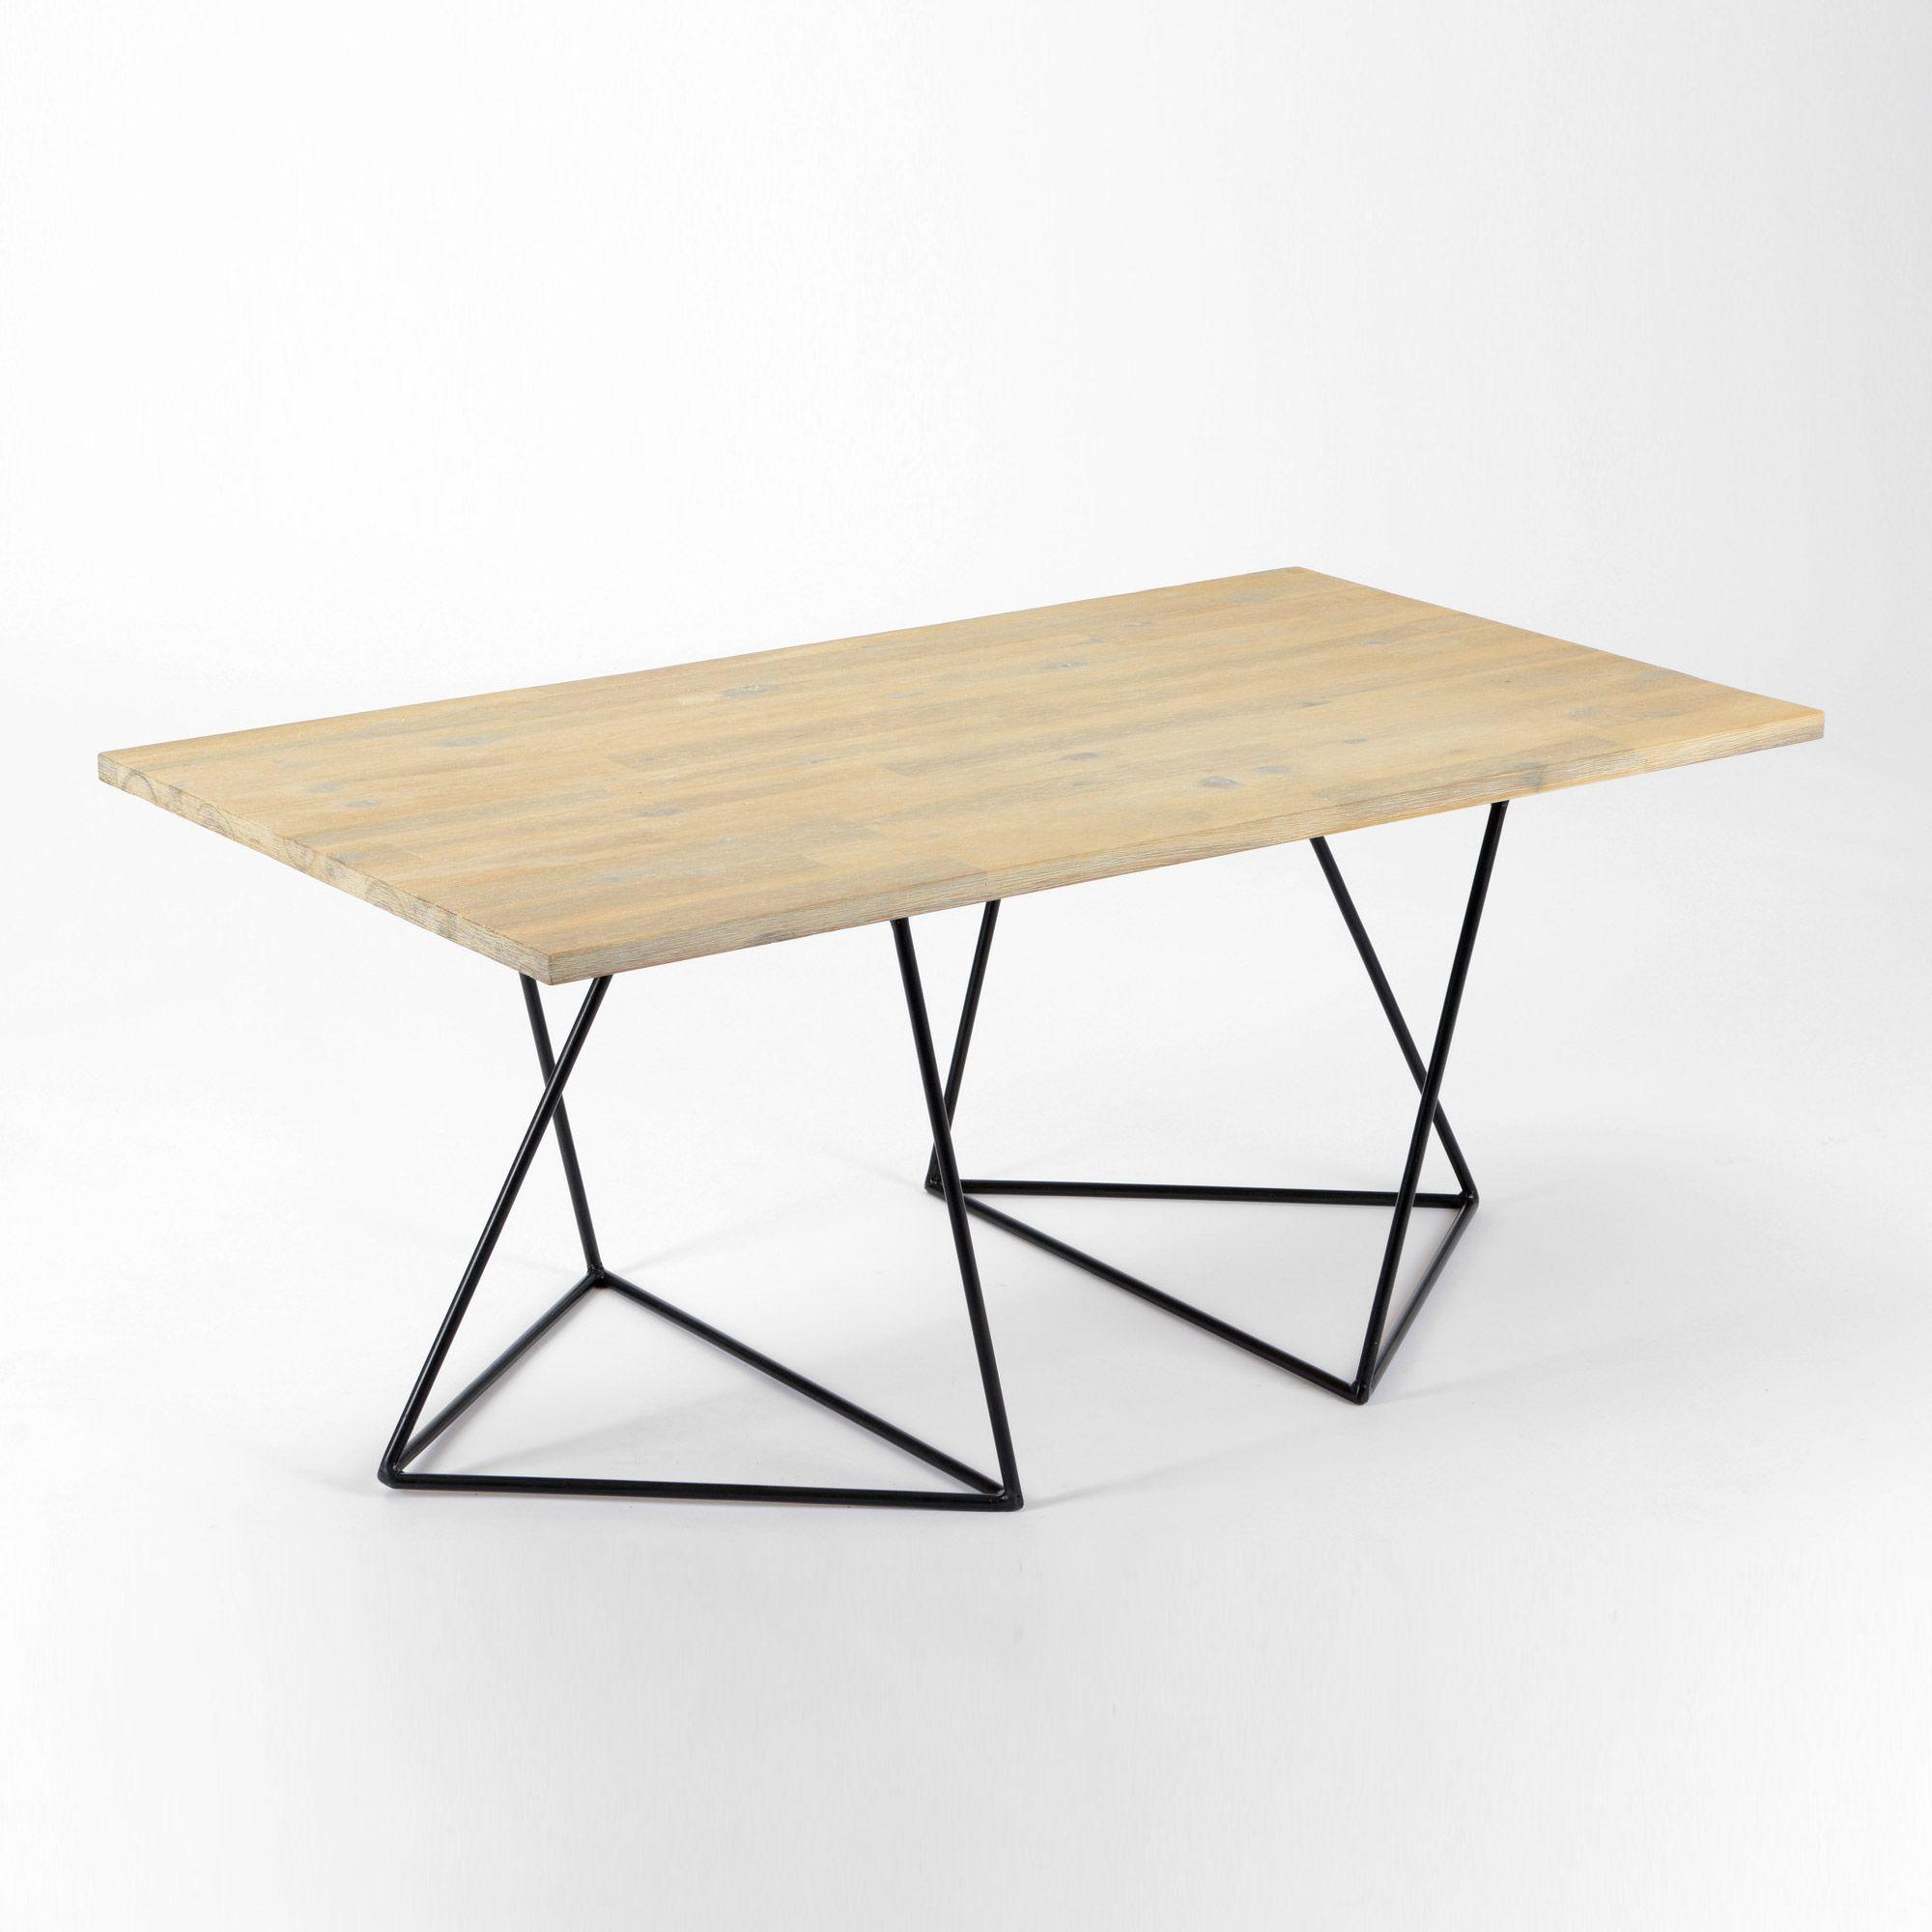 Table A Manger En Bois Et Metal Longueur 110 Cm Treteau Korb Table A Manger En Bois Table A Manger Treteaux Table Basse